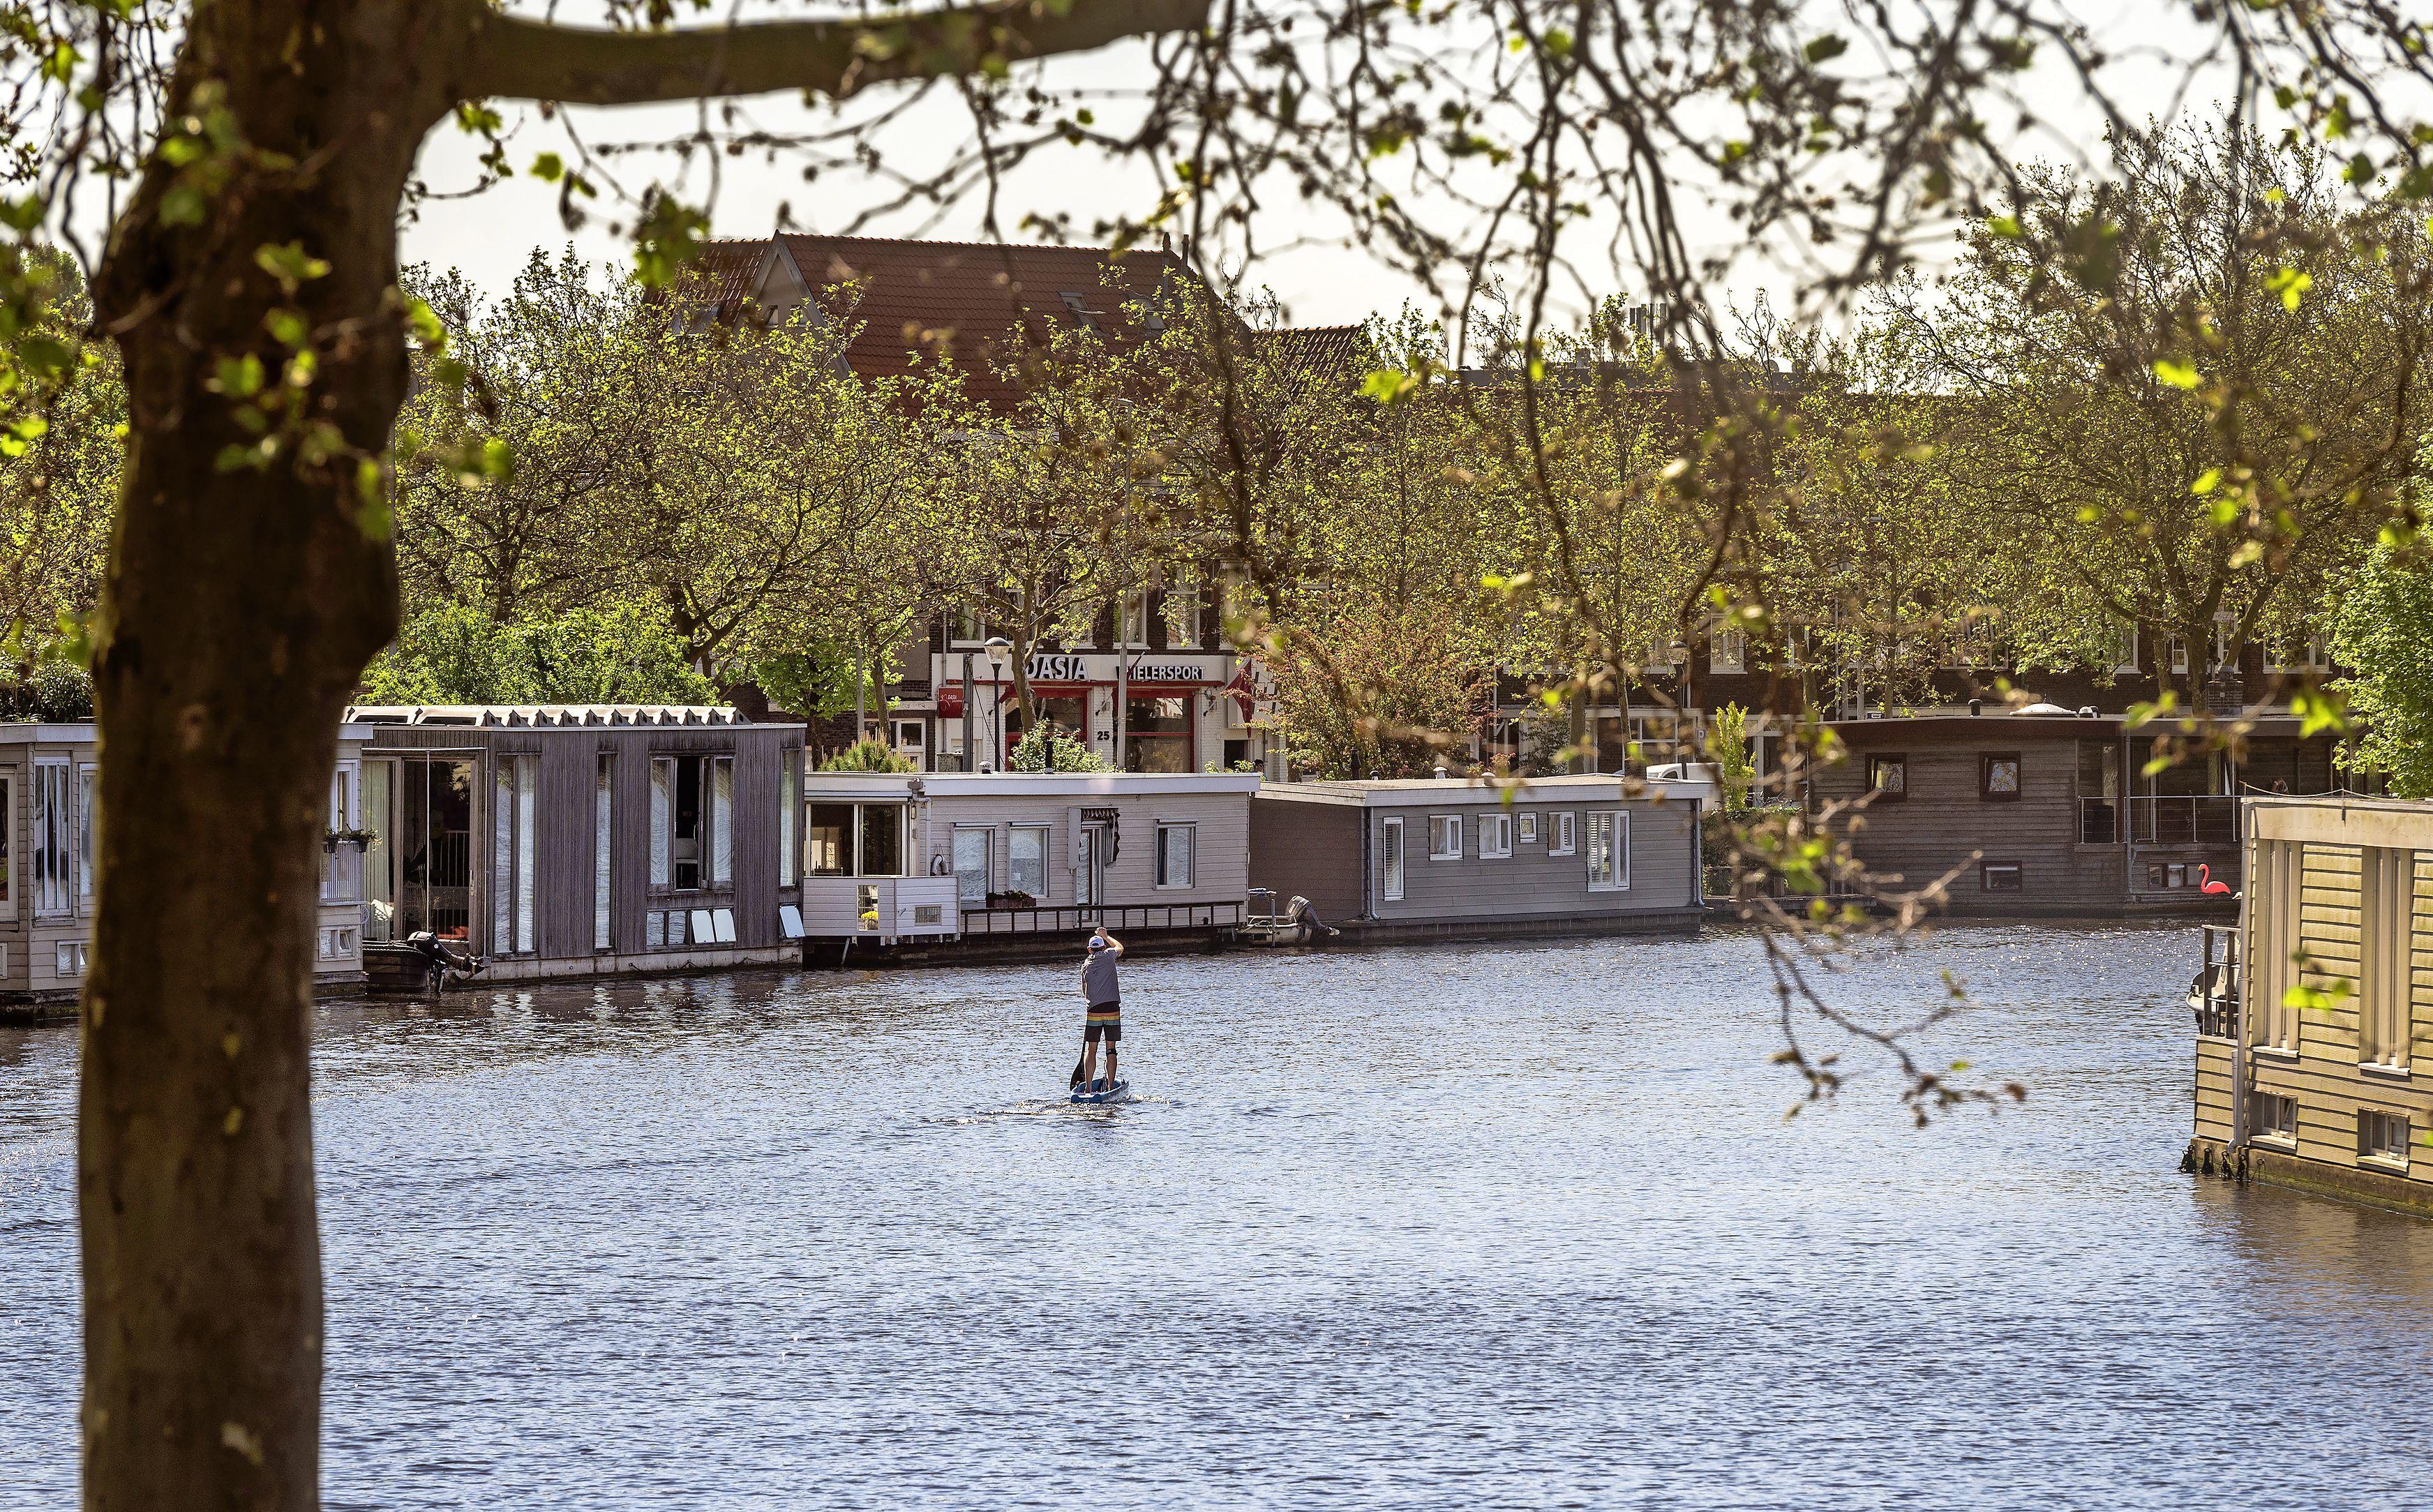 Opvallend helder water in de Haarlemse grachten: dit piepkleine organisme veroorzaakt het